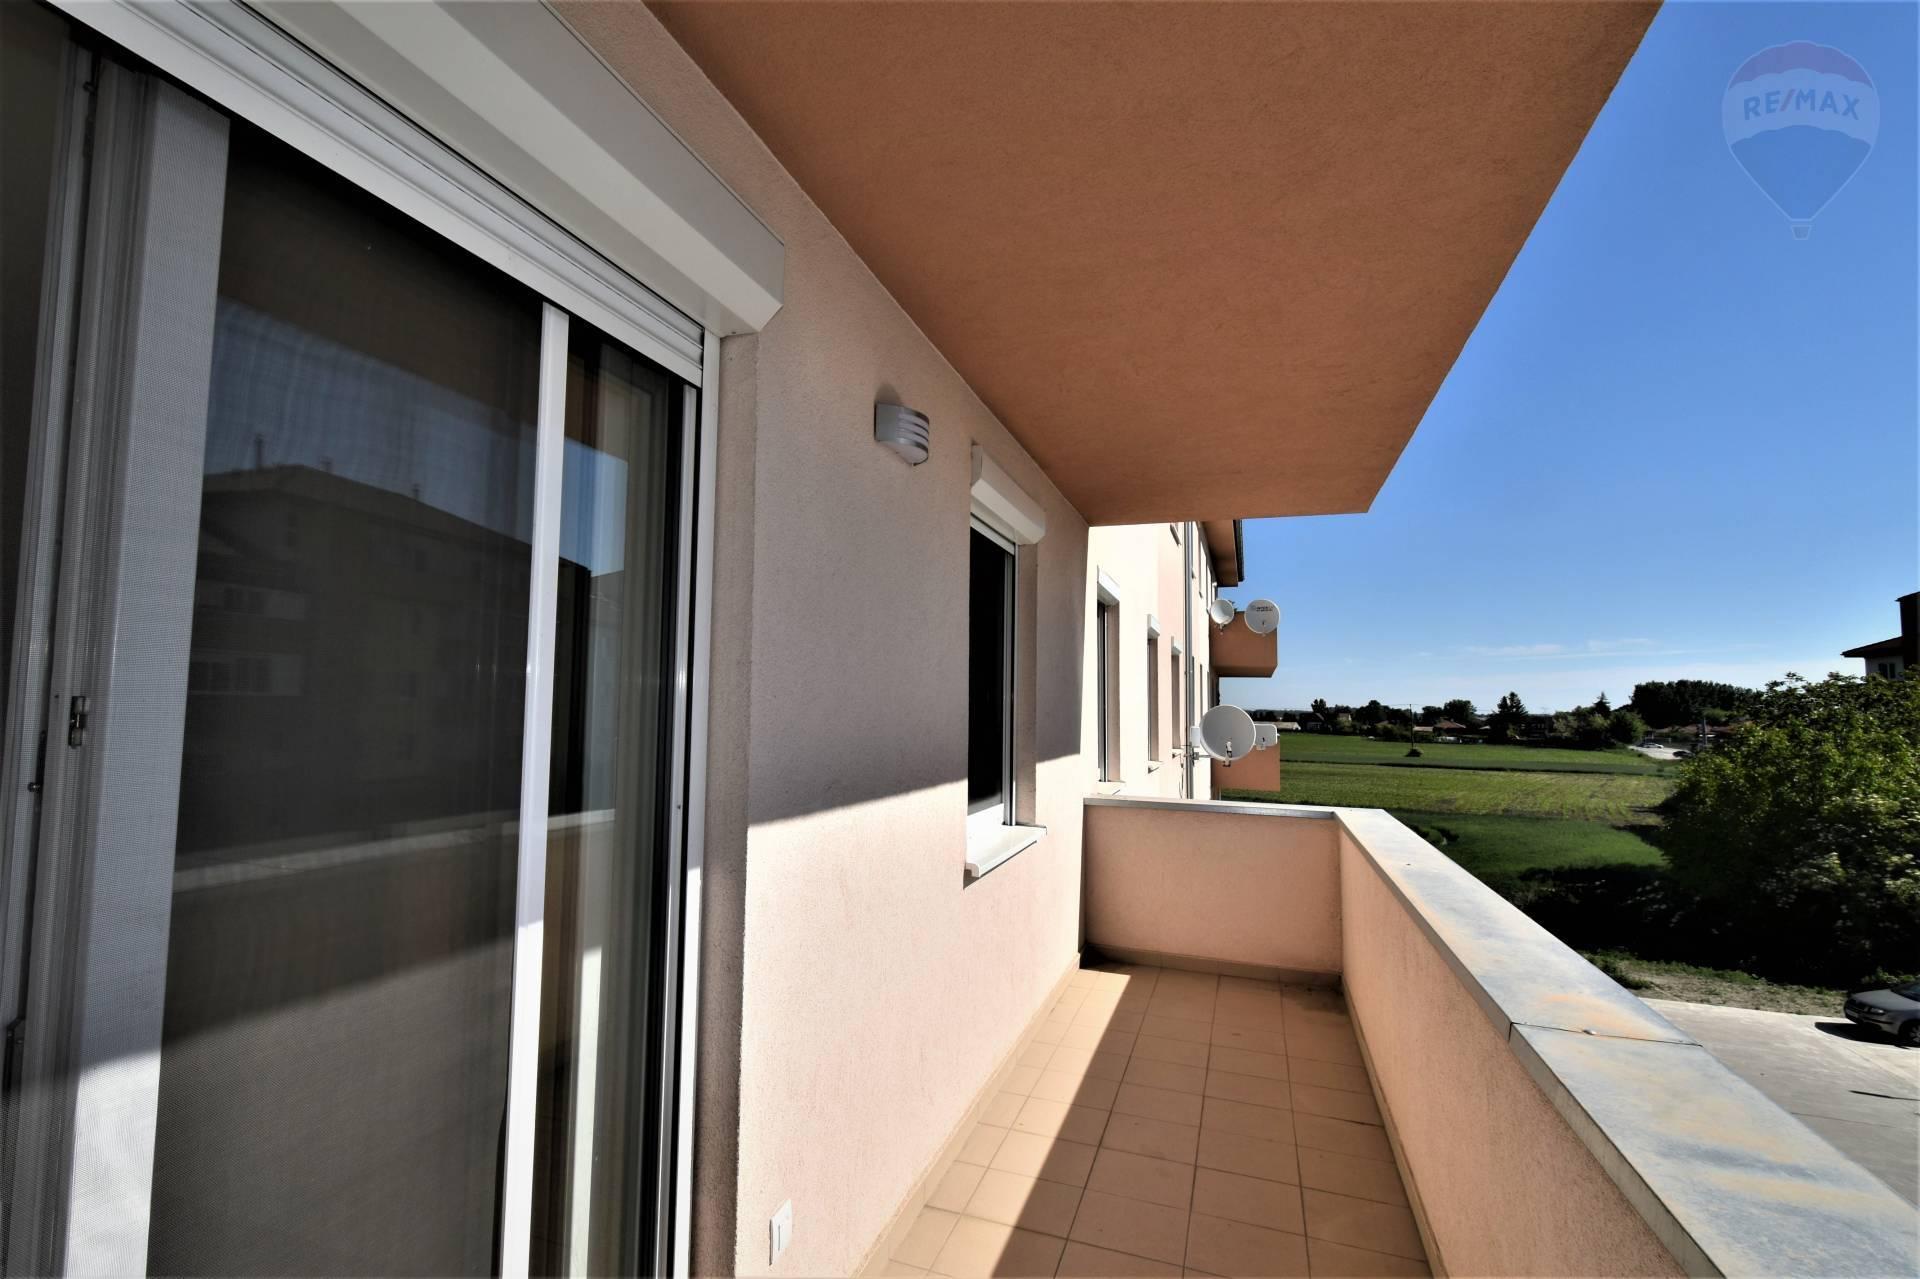 Prenájom: 3 izbový byt, Dunajská Streda, 55 m2, parkovacie miesto, Záhradnícka ulica